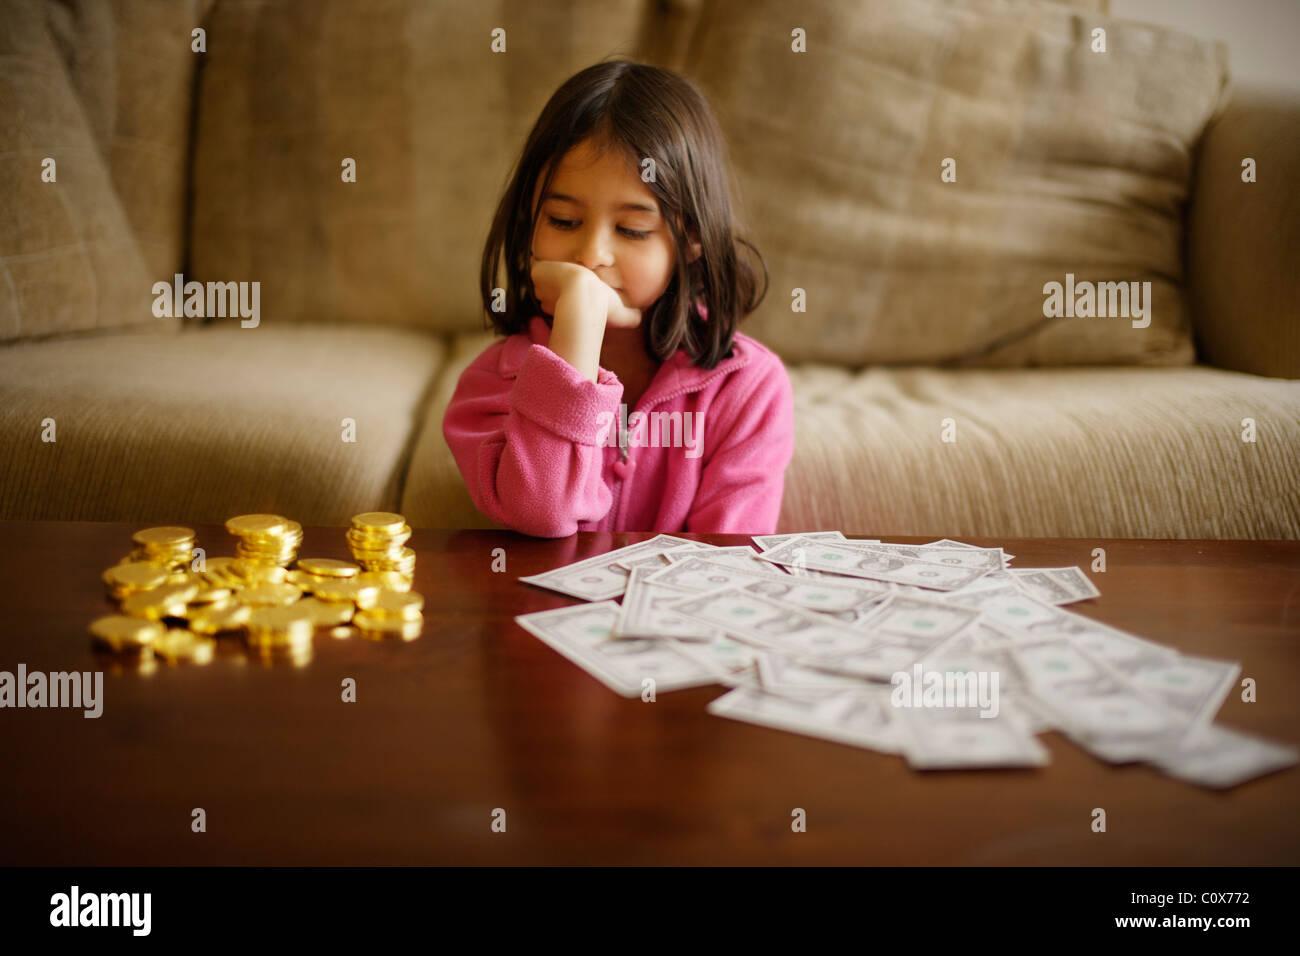 La décision d'investissement, elle prépare entre le chocolat des pièces d'or et papier US Photo Stock